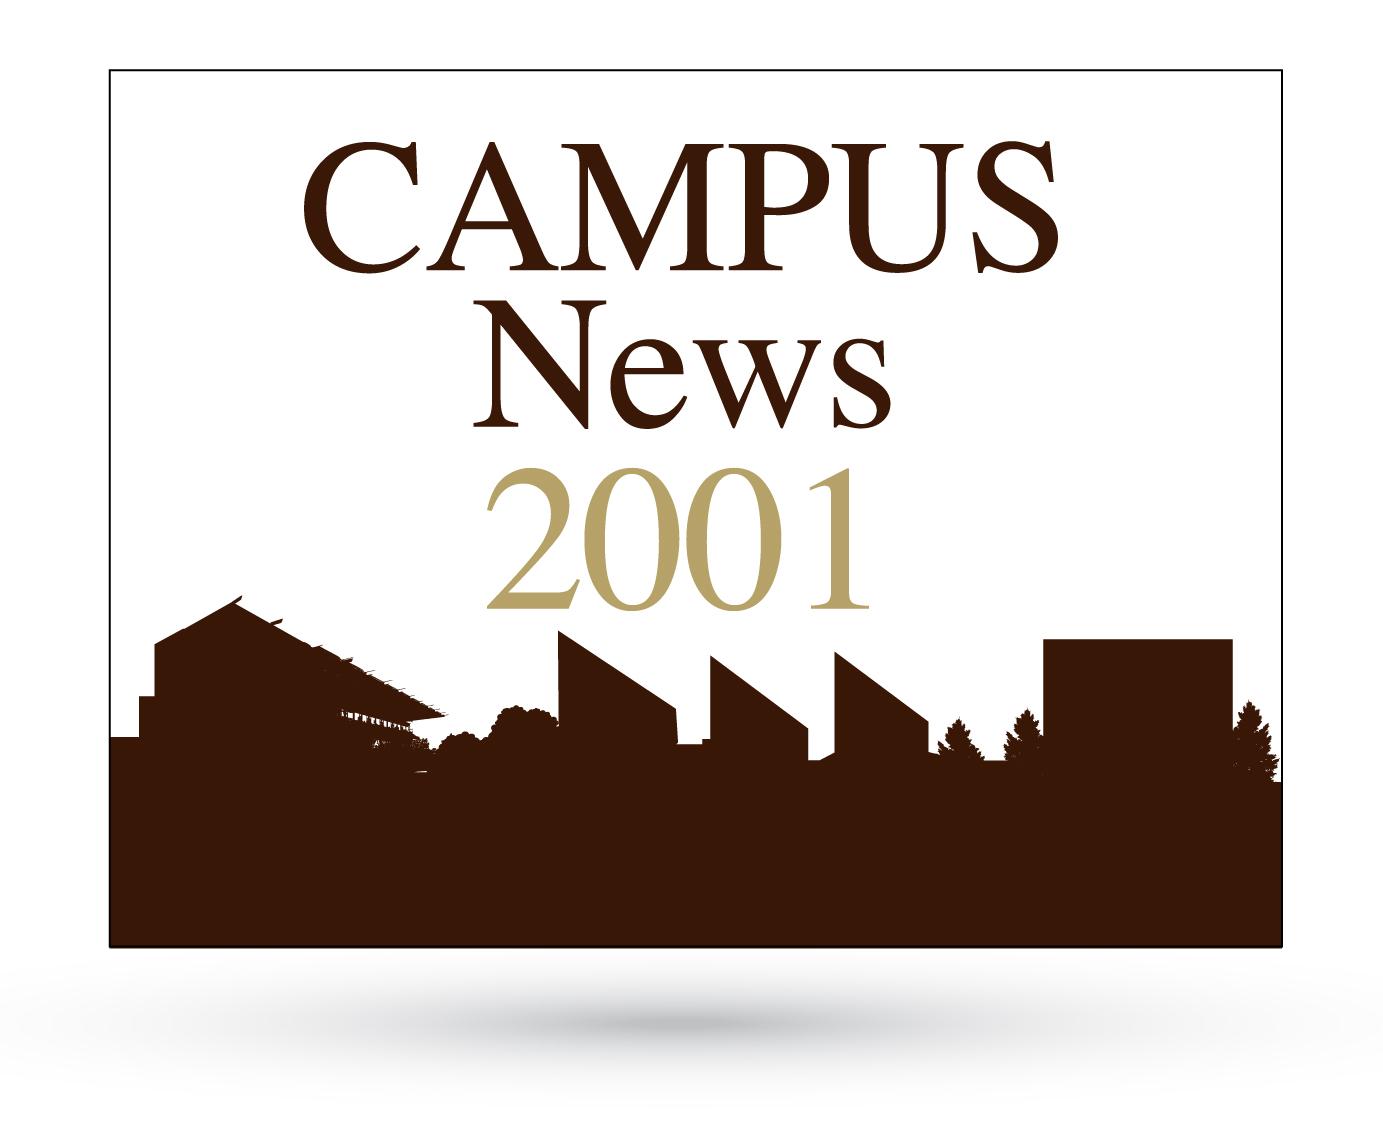 Campus News 2001